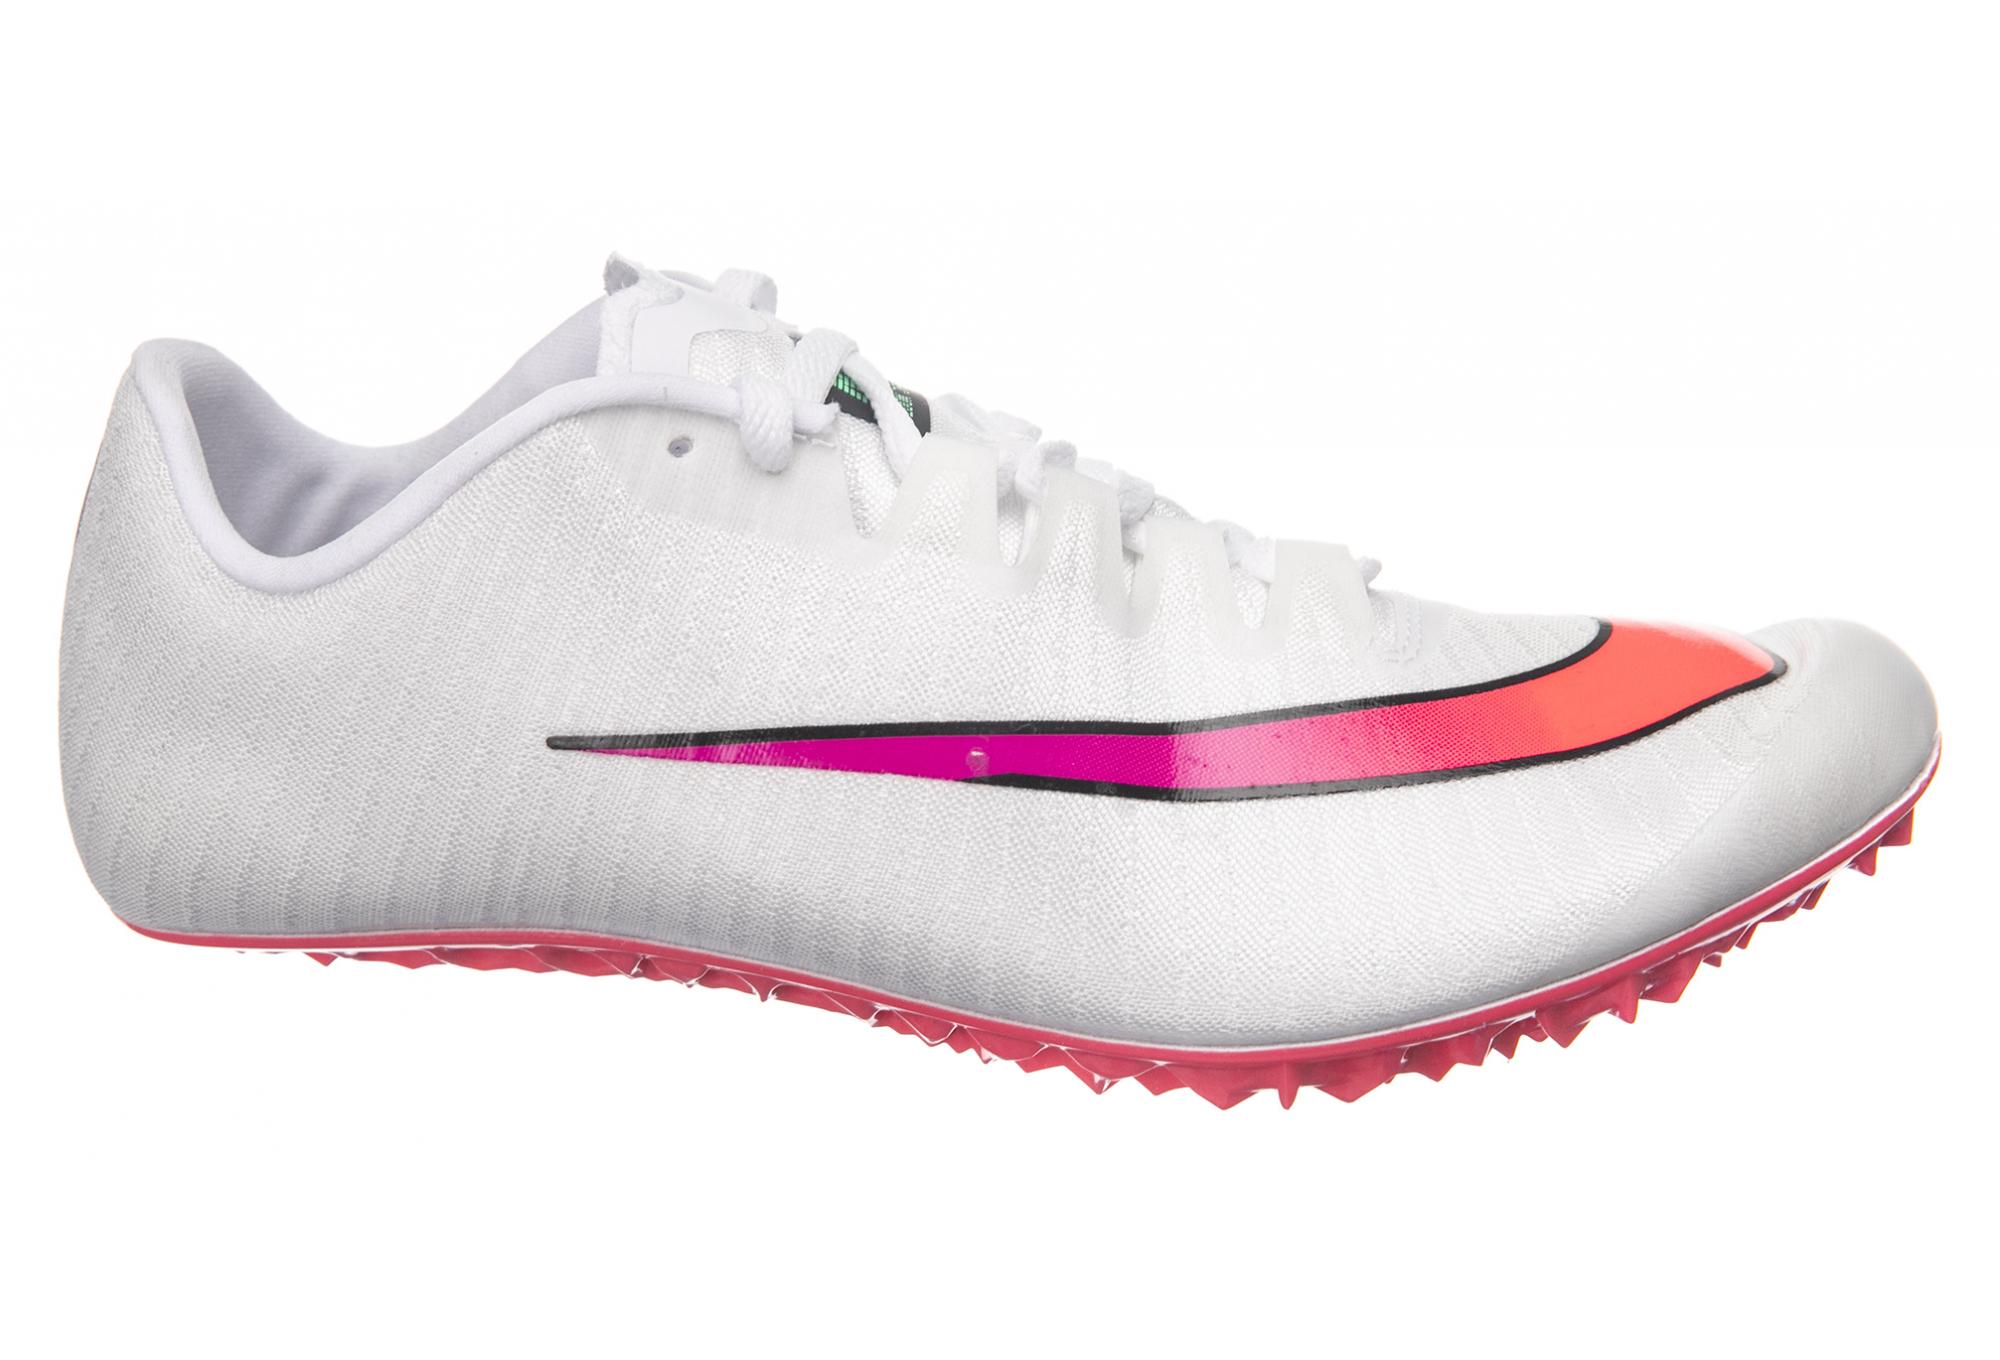 Nike Zoom Ja Fly 3 White Red Mens